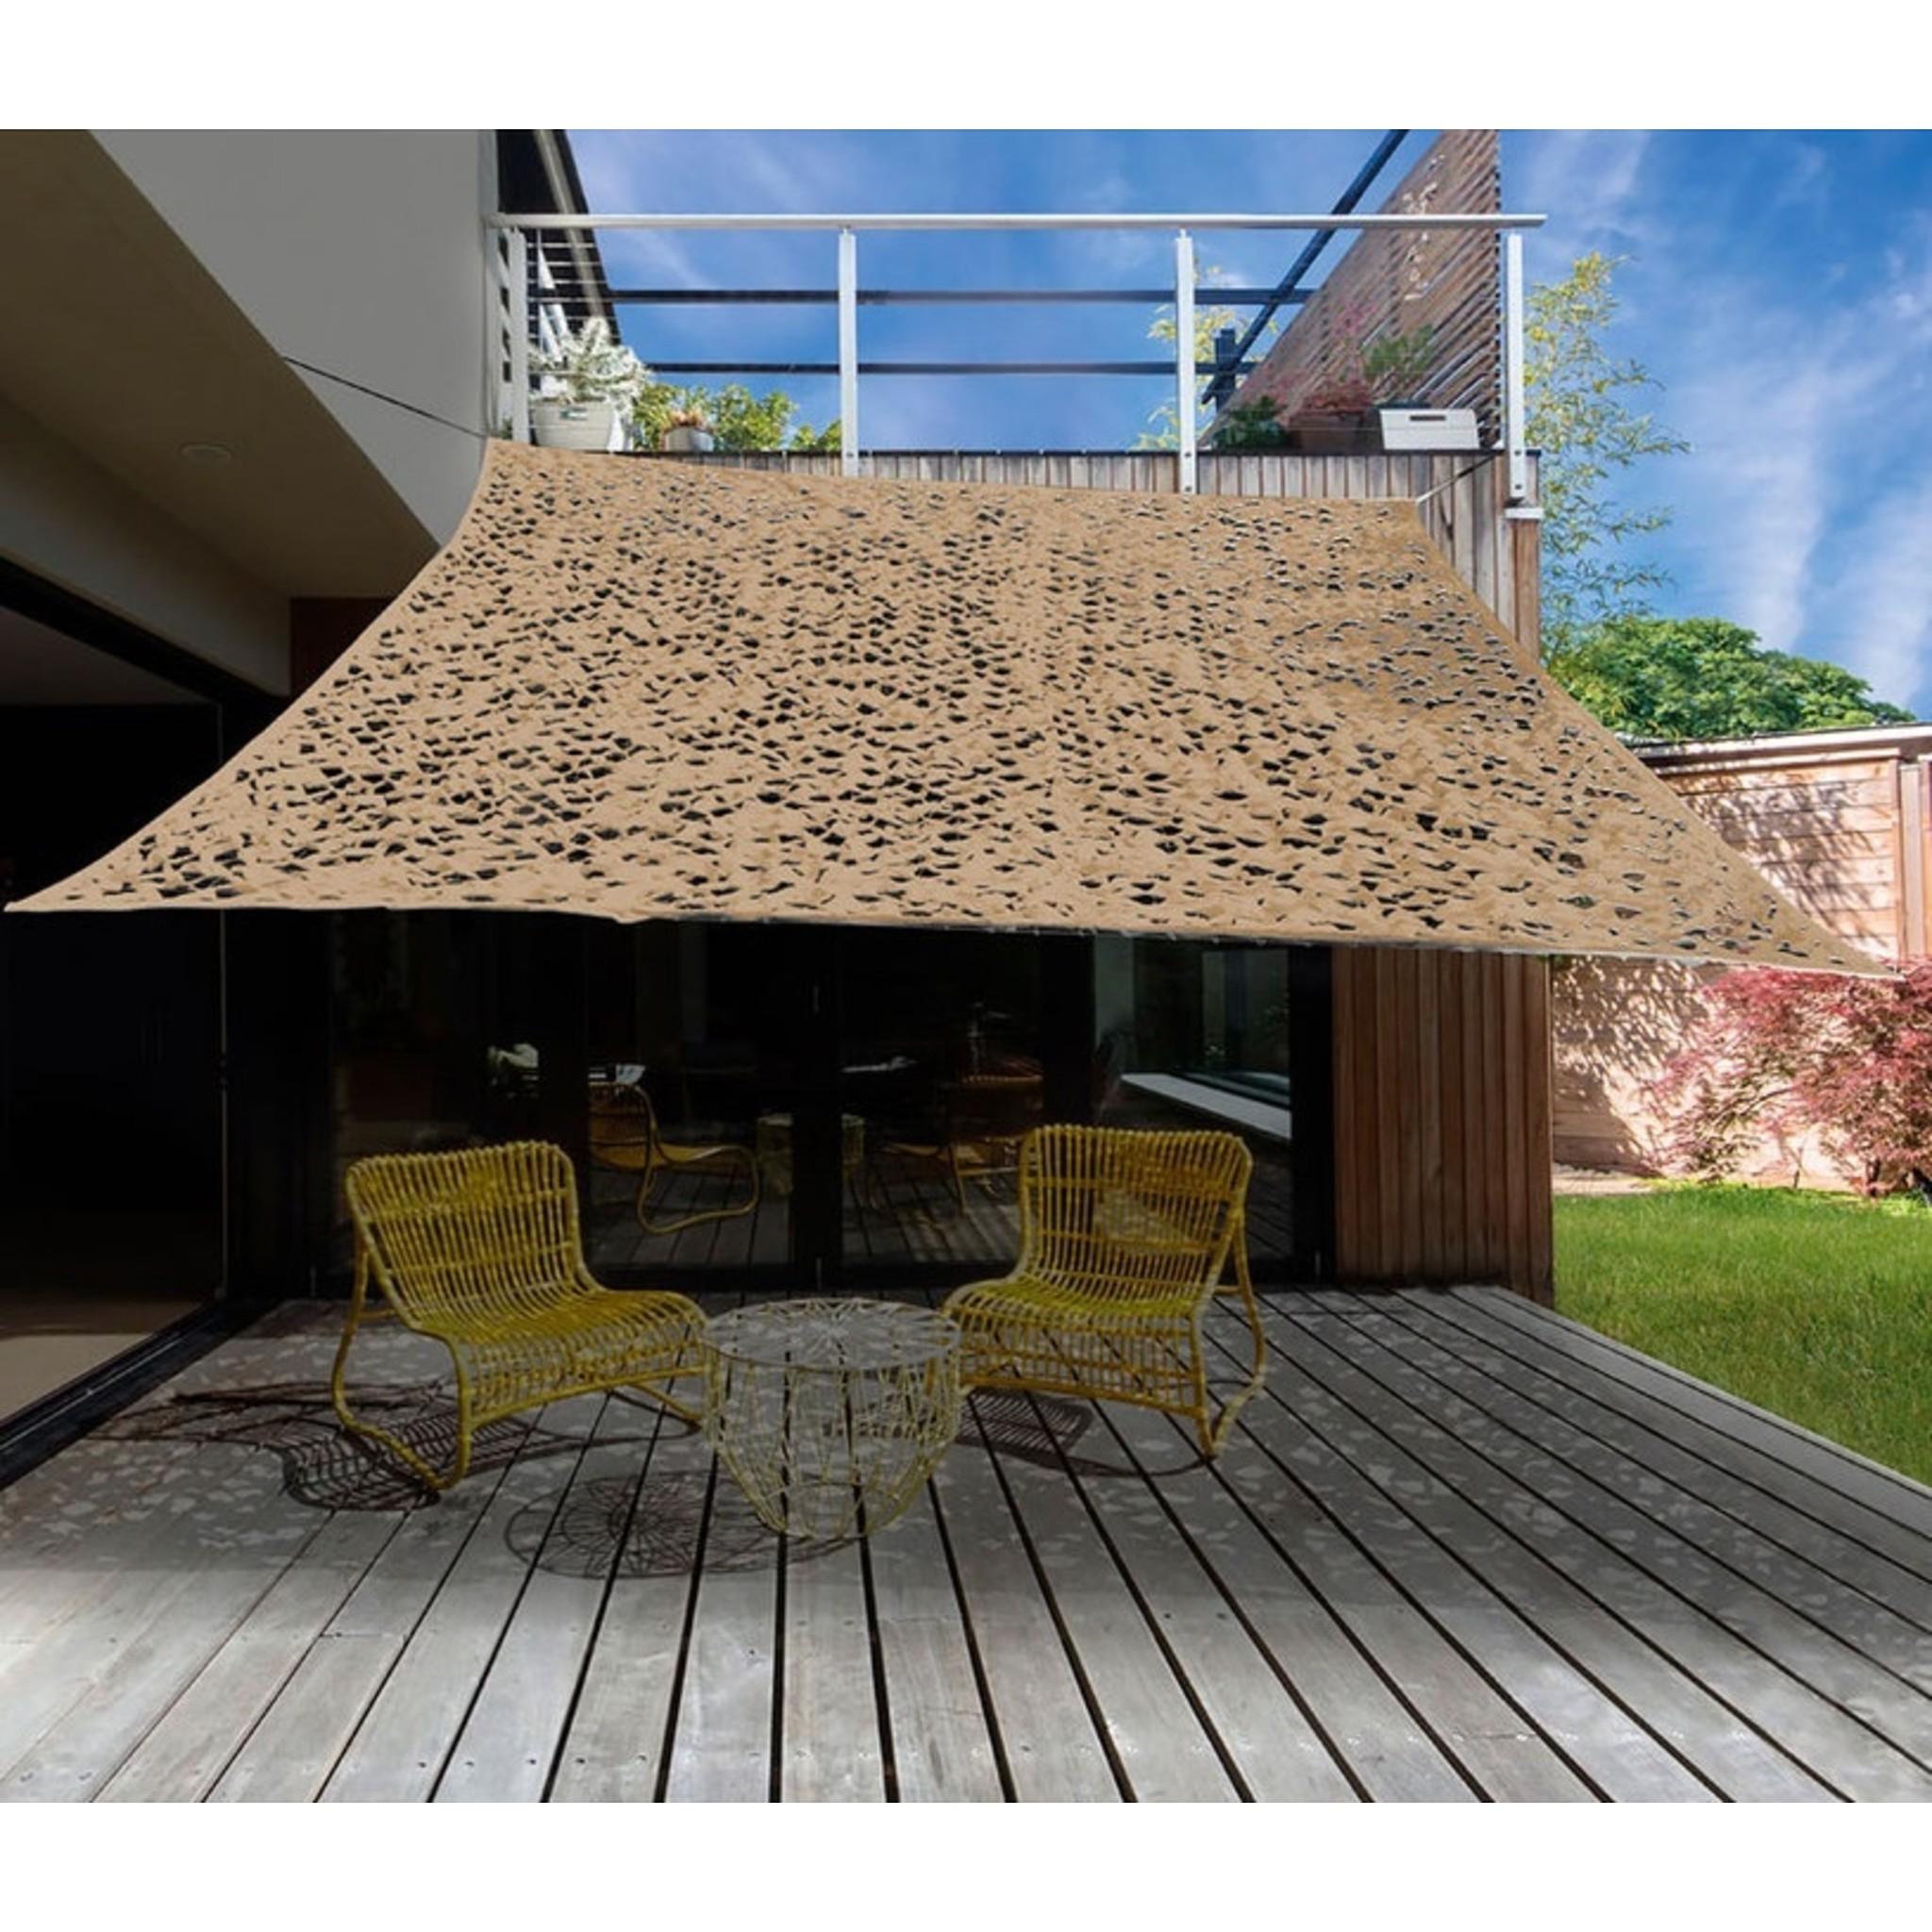 Camouflage / Schaduw Net - 3x3 meter - Zandkleur